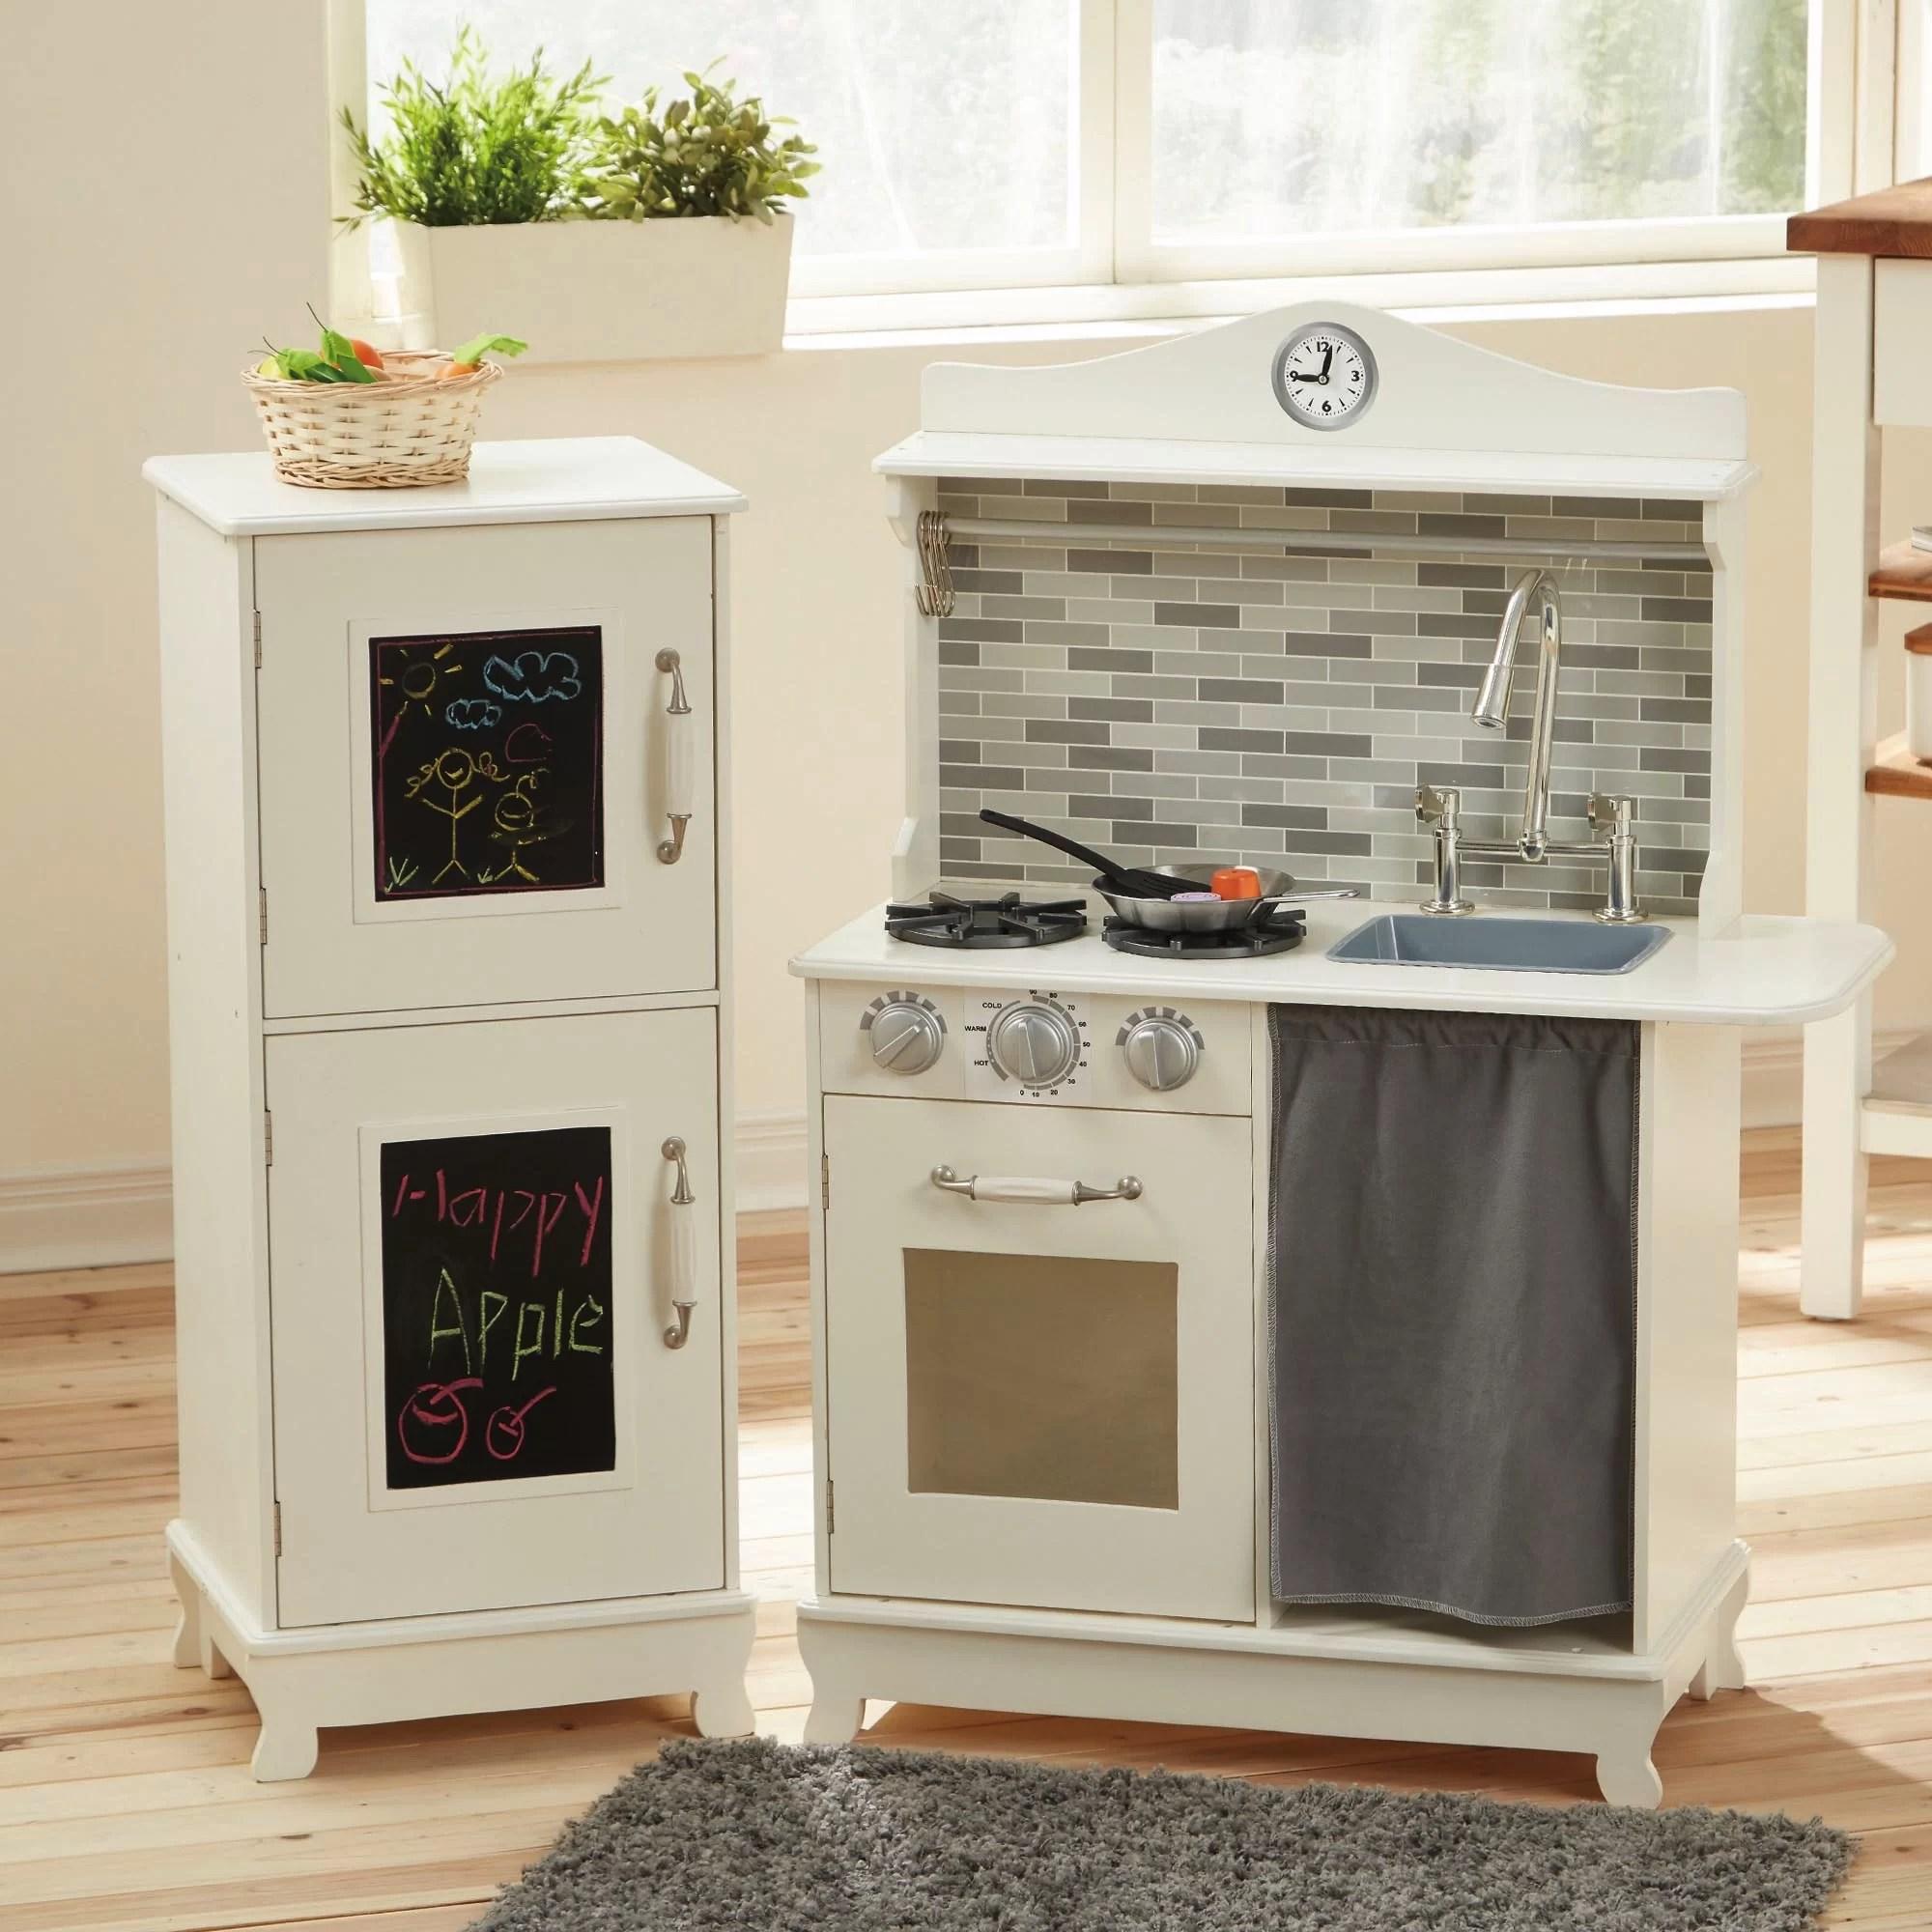 3 piece kitchen set model kitchens teamson kids sunday brunch wooden play